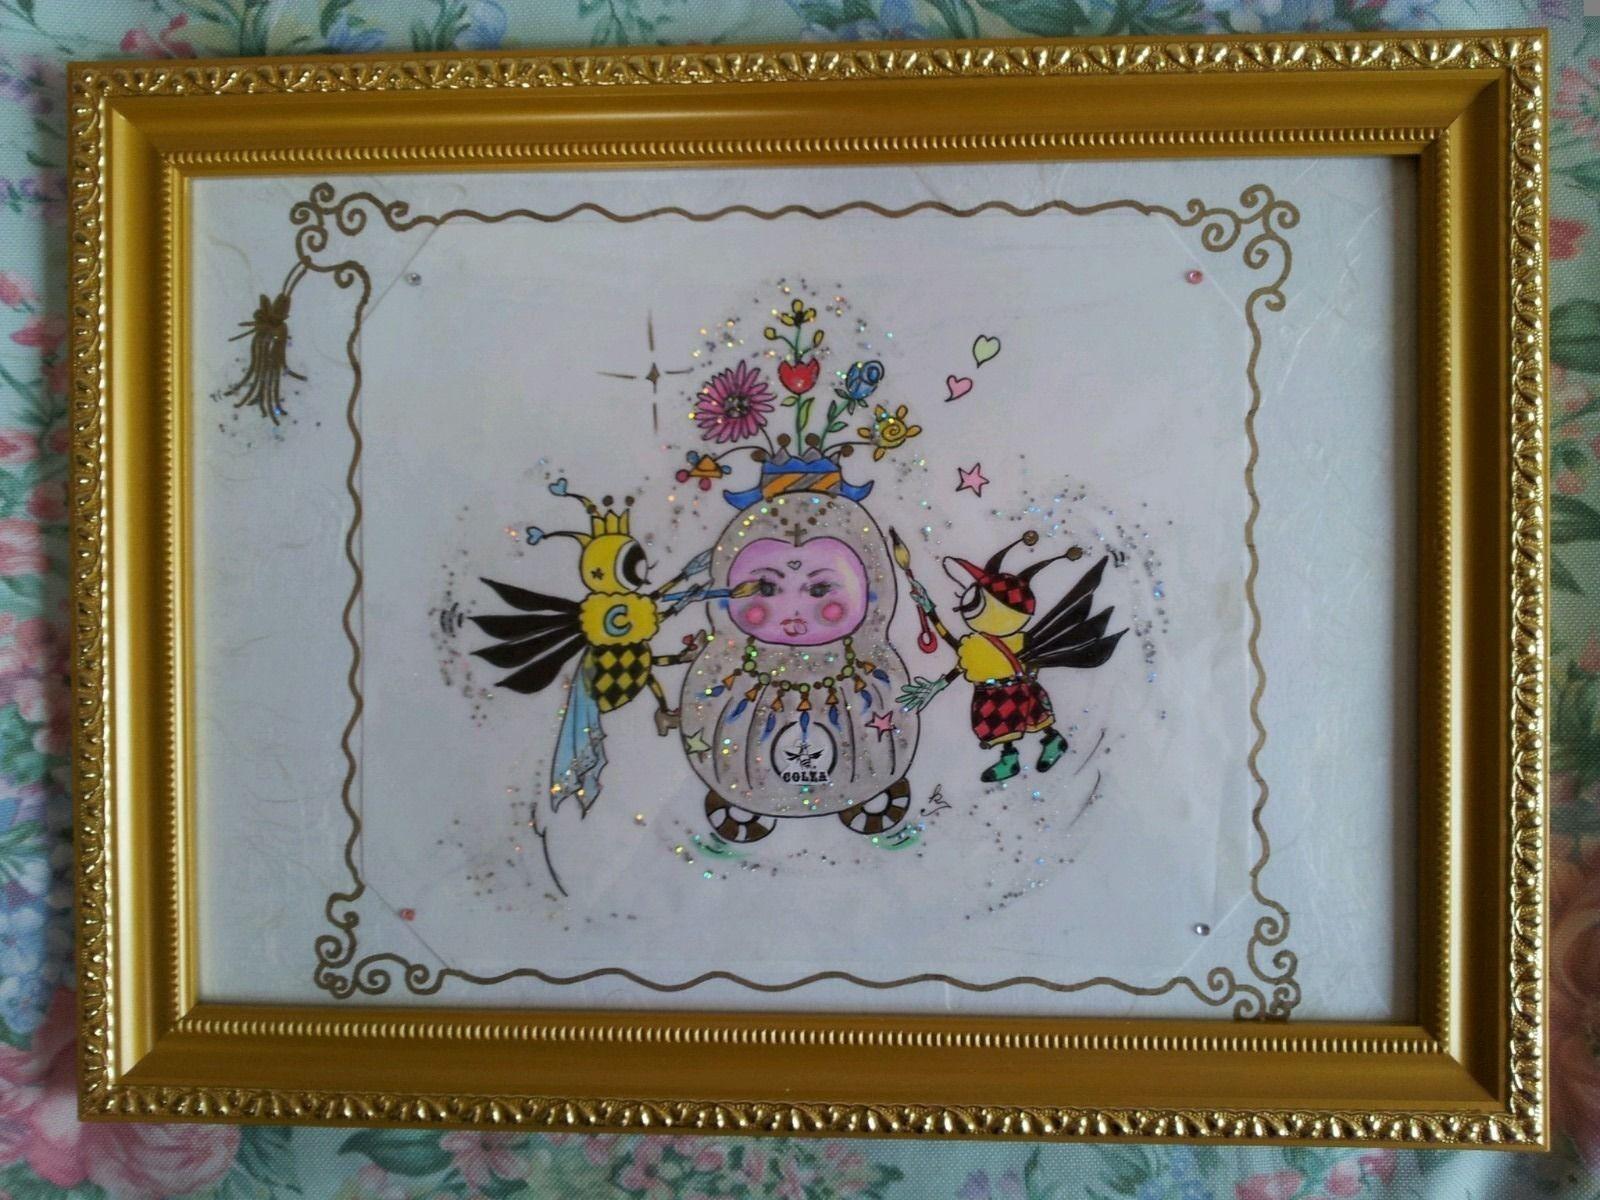 ミツバチのヒーリング絵画(イラストブック)